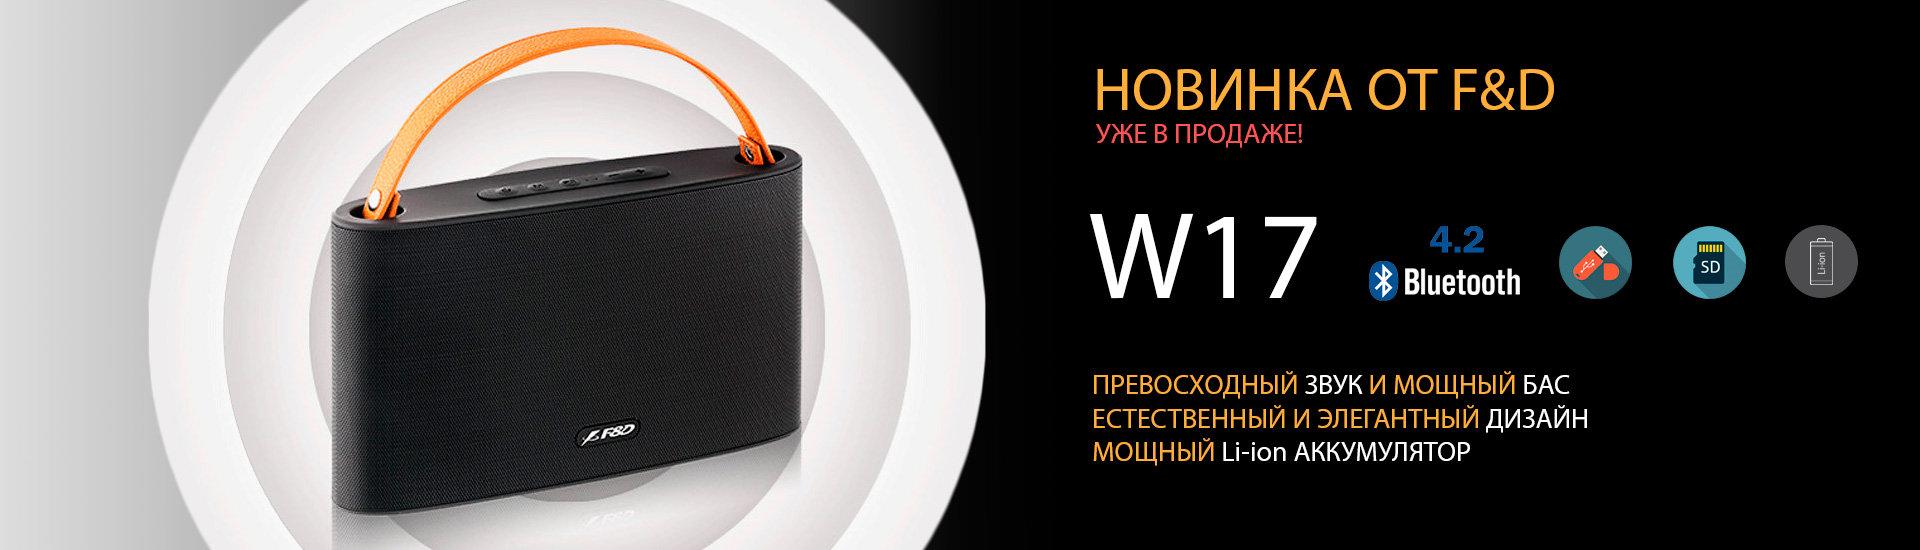 Портативная акустика Fenda W17 уже в продаже